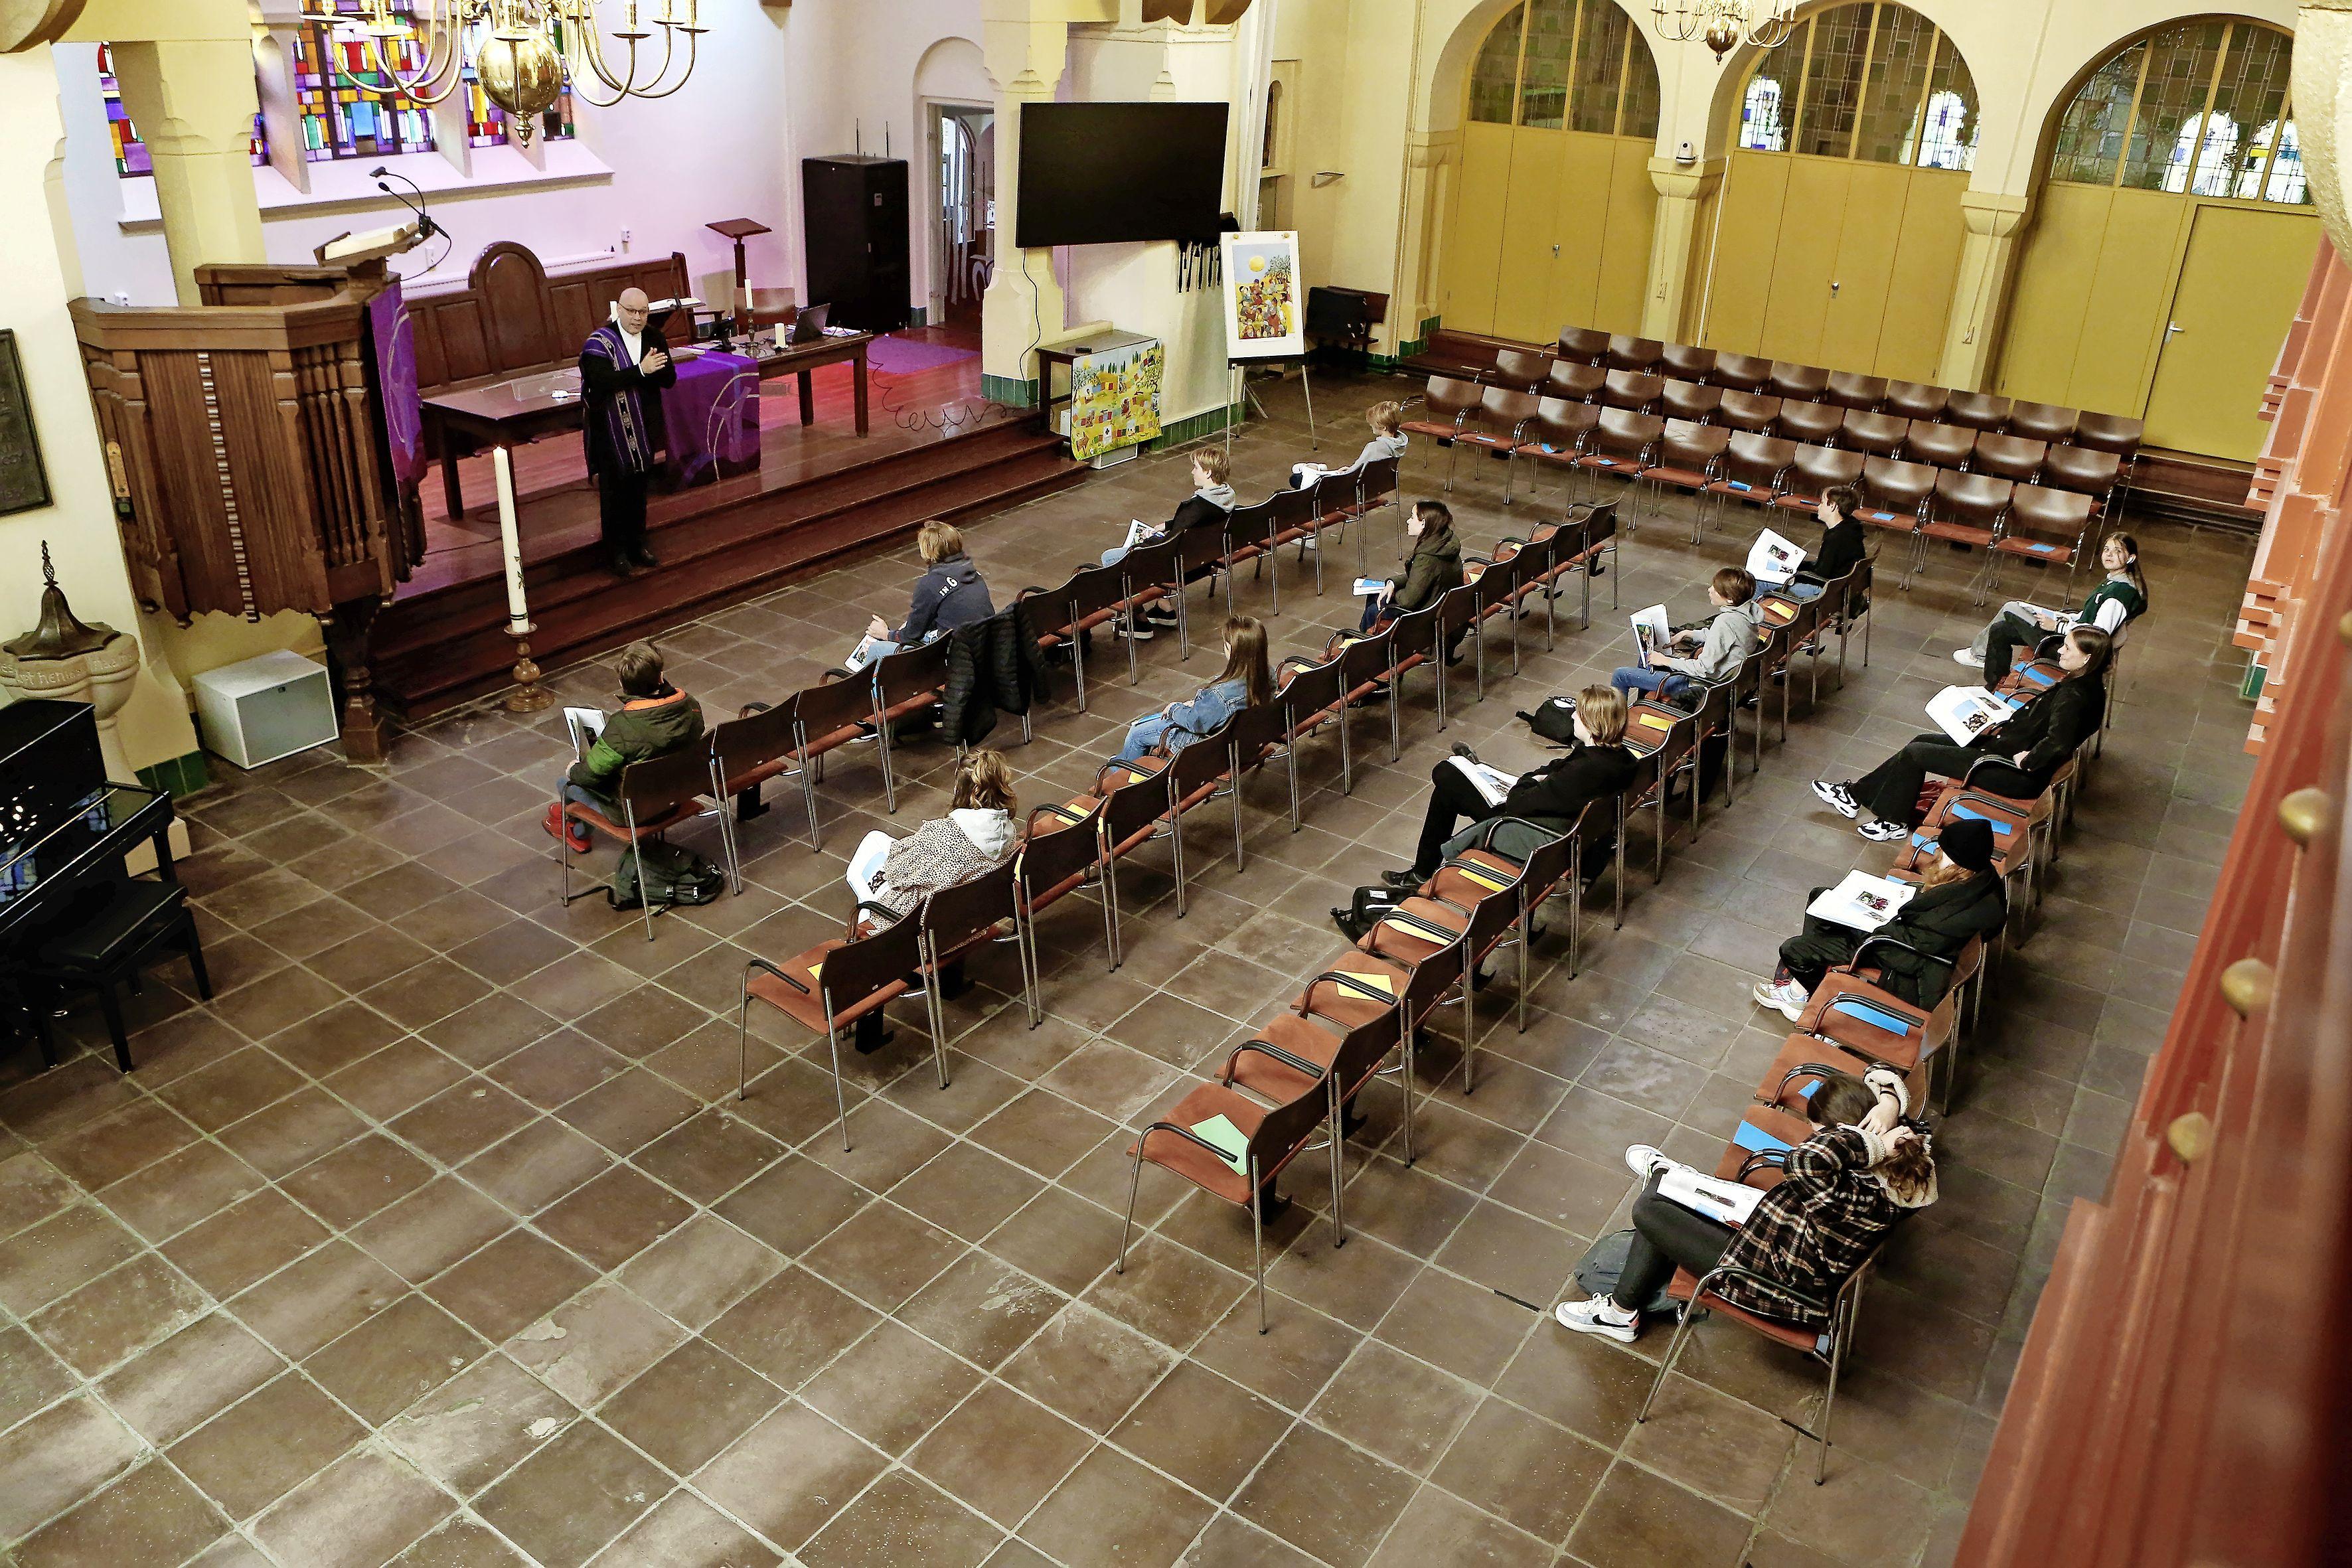 In slaap sukkelen is er niet bij tijdens godsdienstles in Spieghelkerk; 'Fijn dat we zo les kunnen krijgen, maar dat galmen is wel irritant'